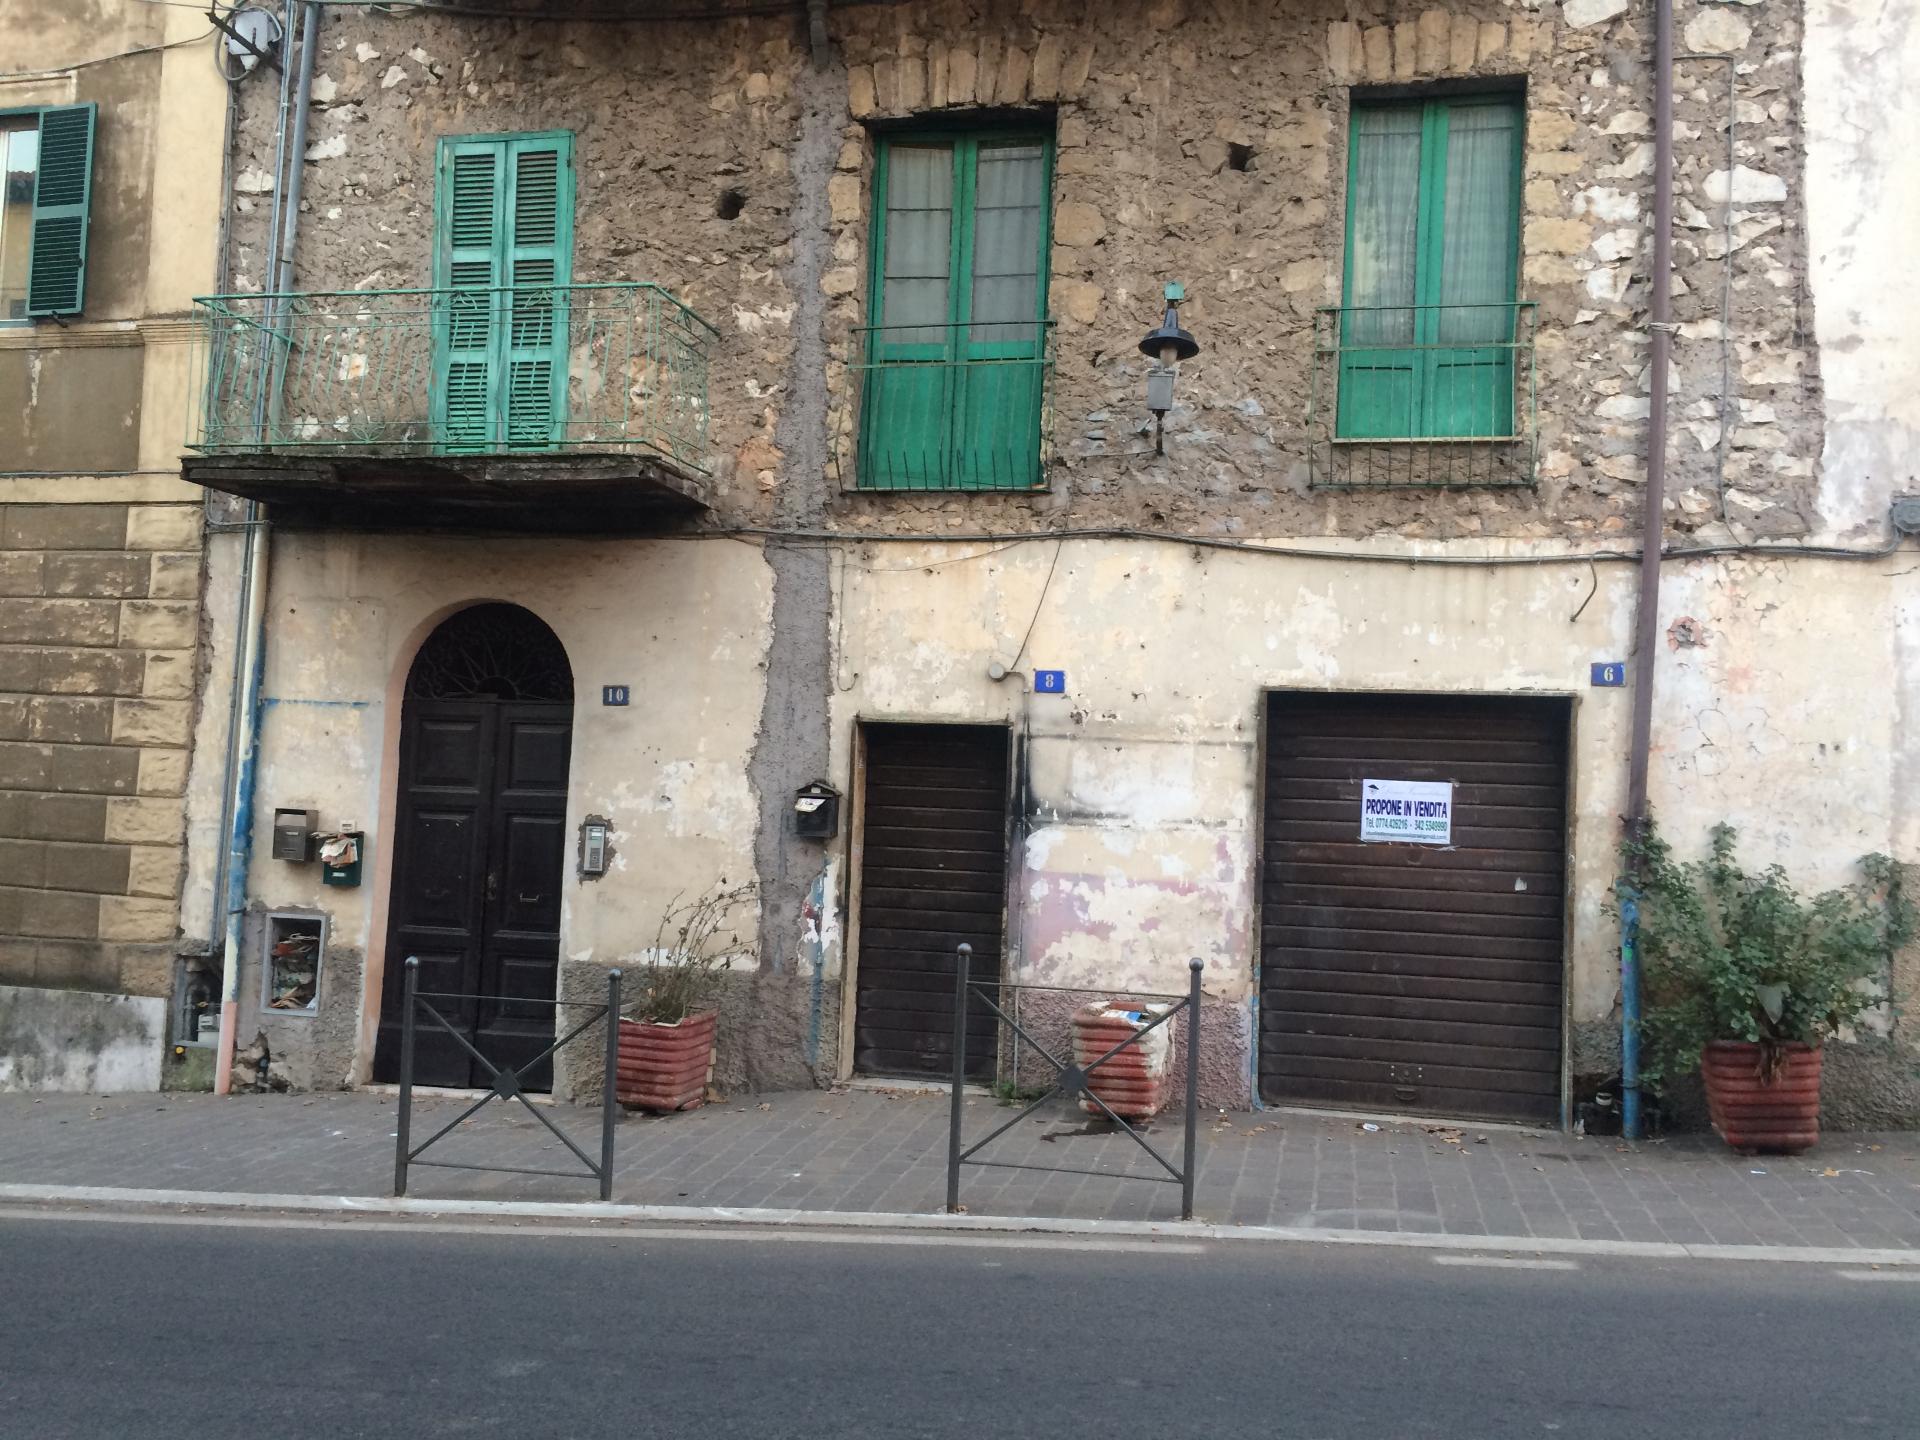 Negozio / Locale in vendita a Marcellina, 9999 locali, zona Località: Paese, prezzo € 25.000 | CambioCasa.it